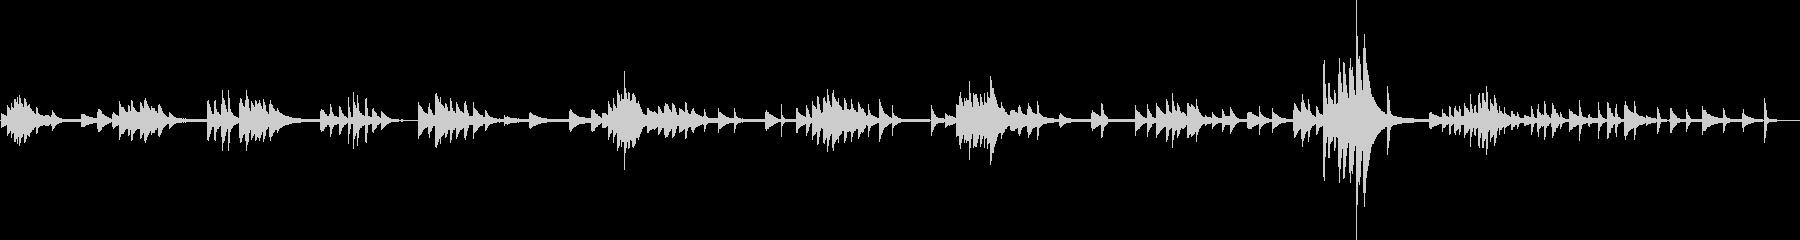 嫌な予感(ピアノソロ・不穏・不気味)の未再生の波形